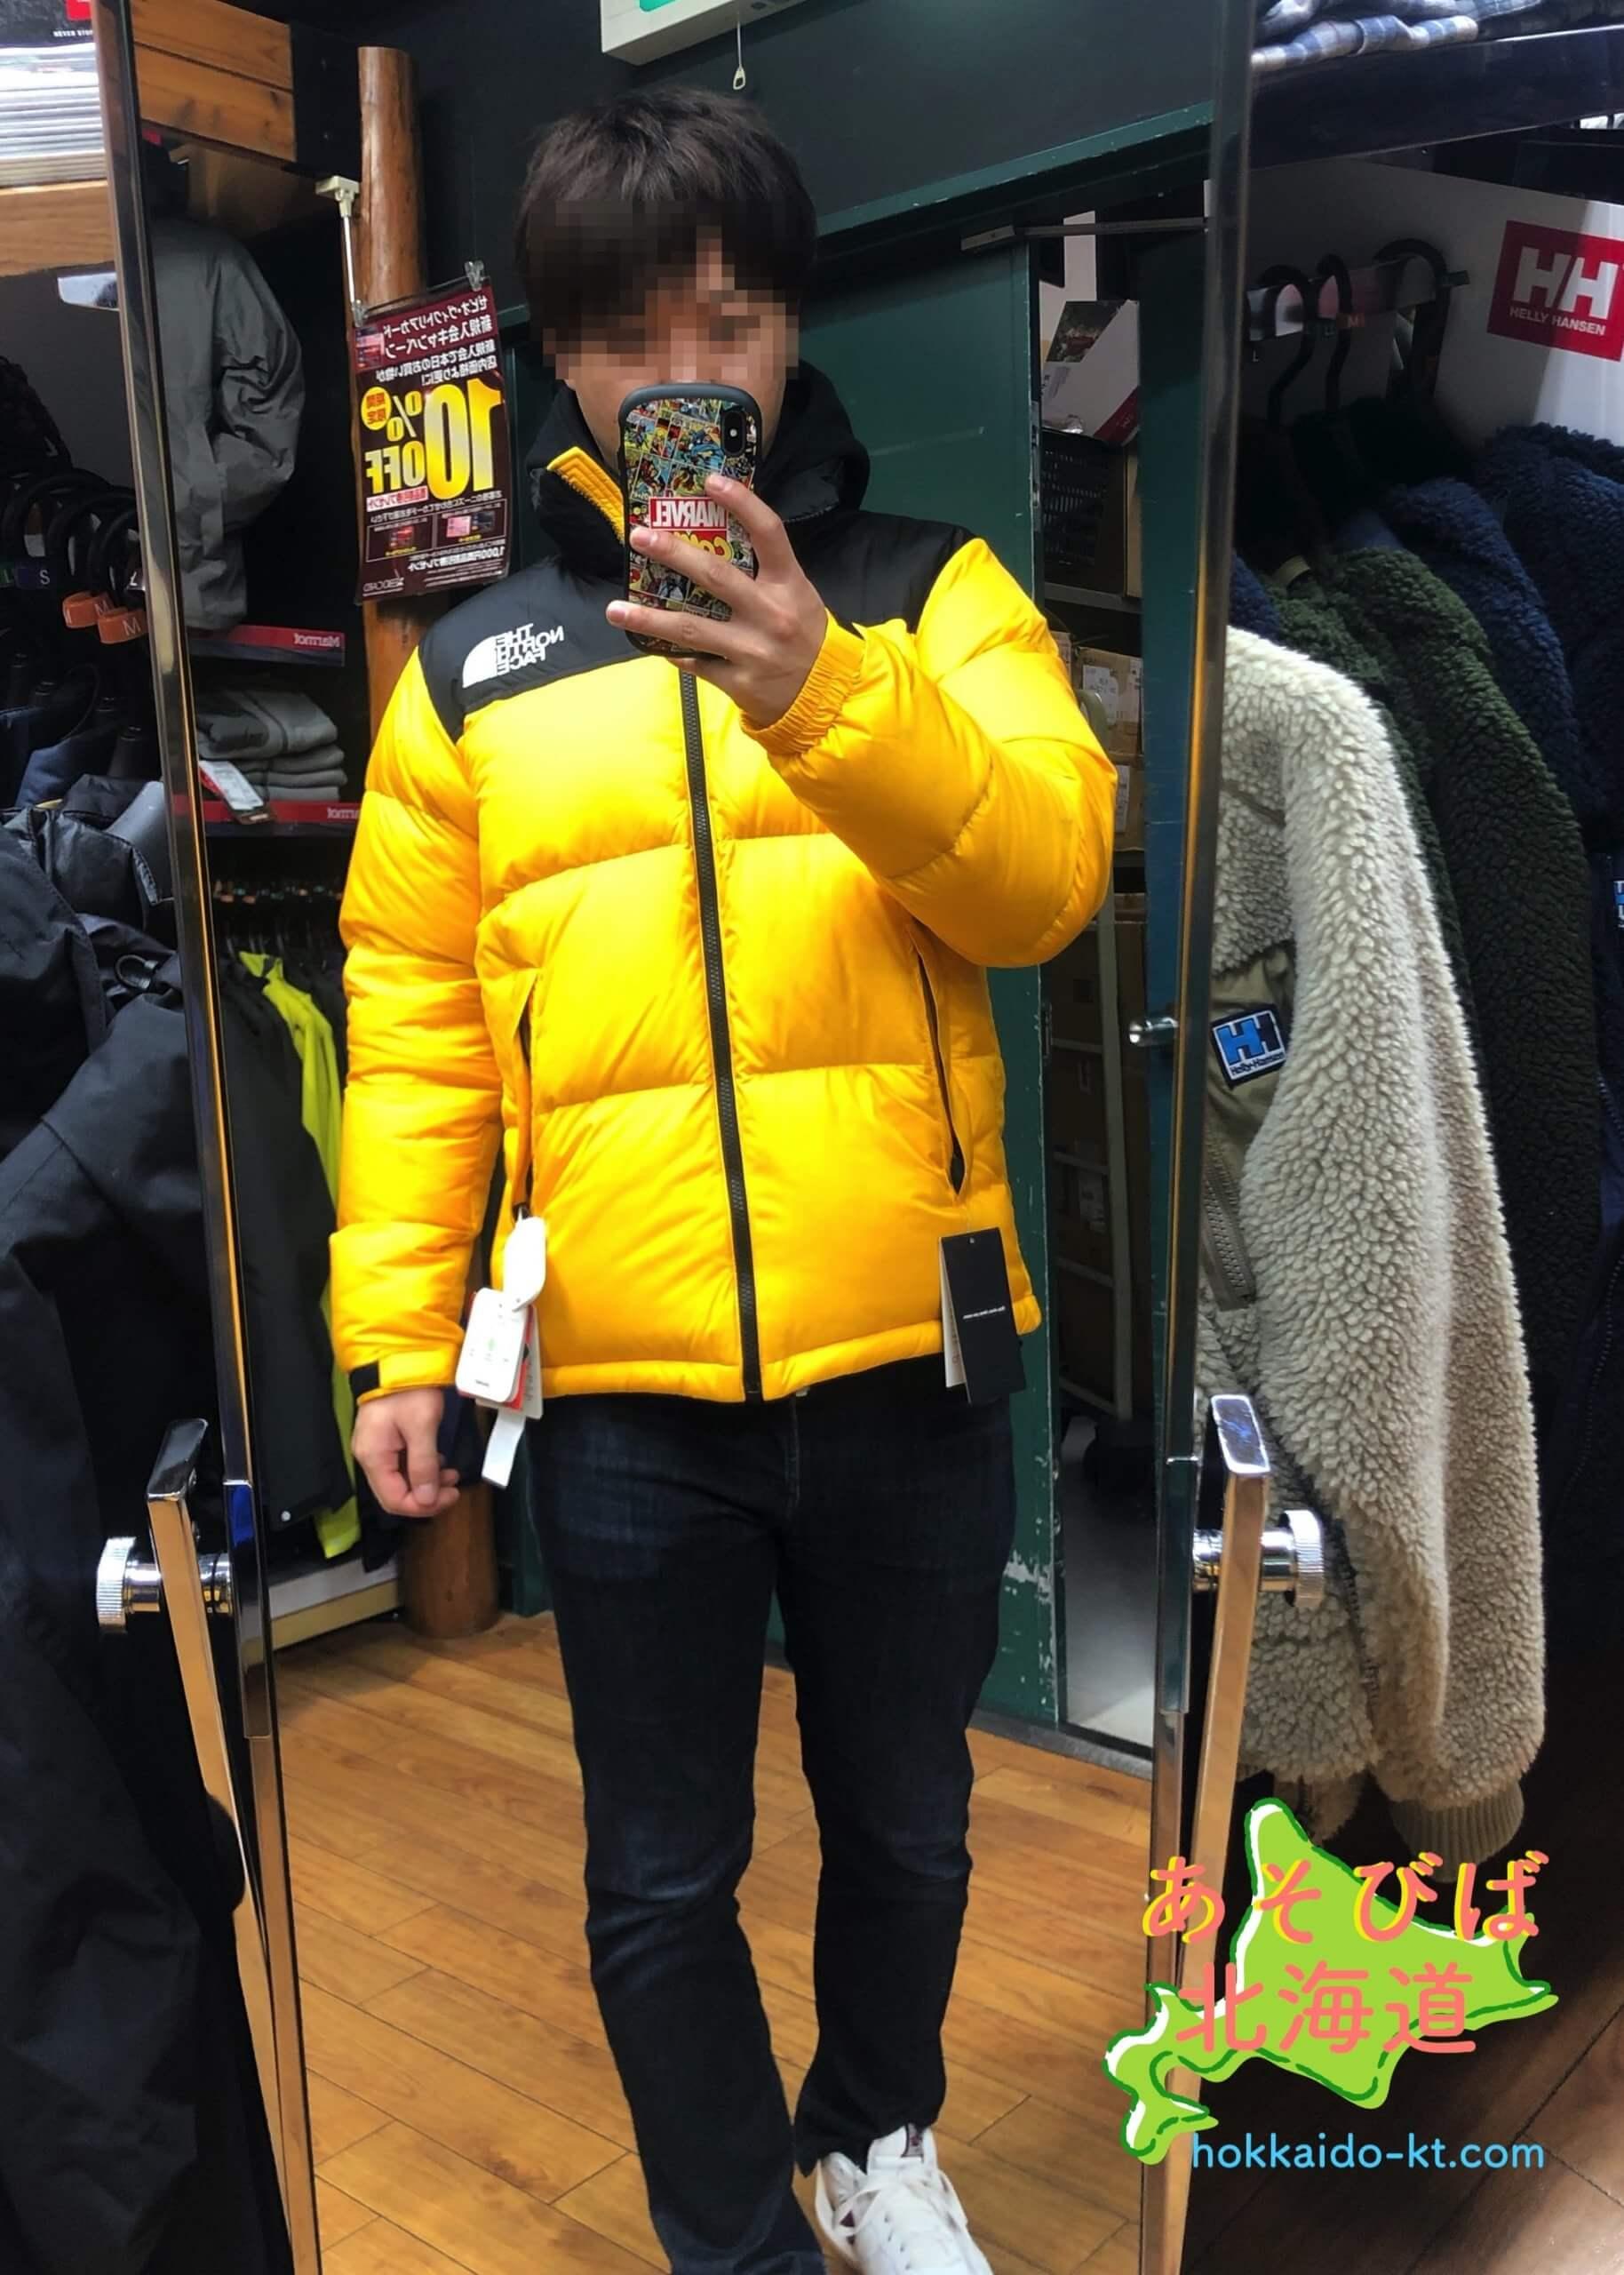 12月の札幌の服装ダウンジャケット